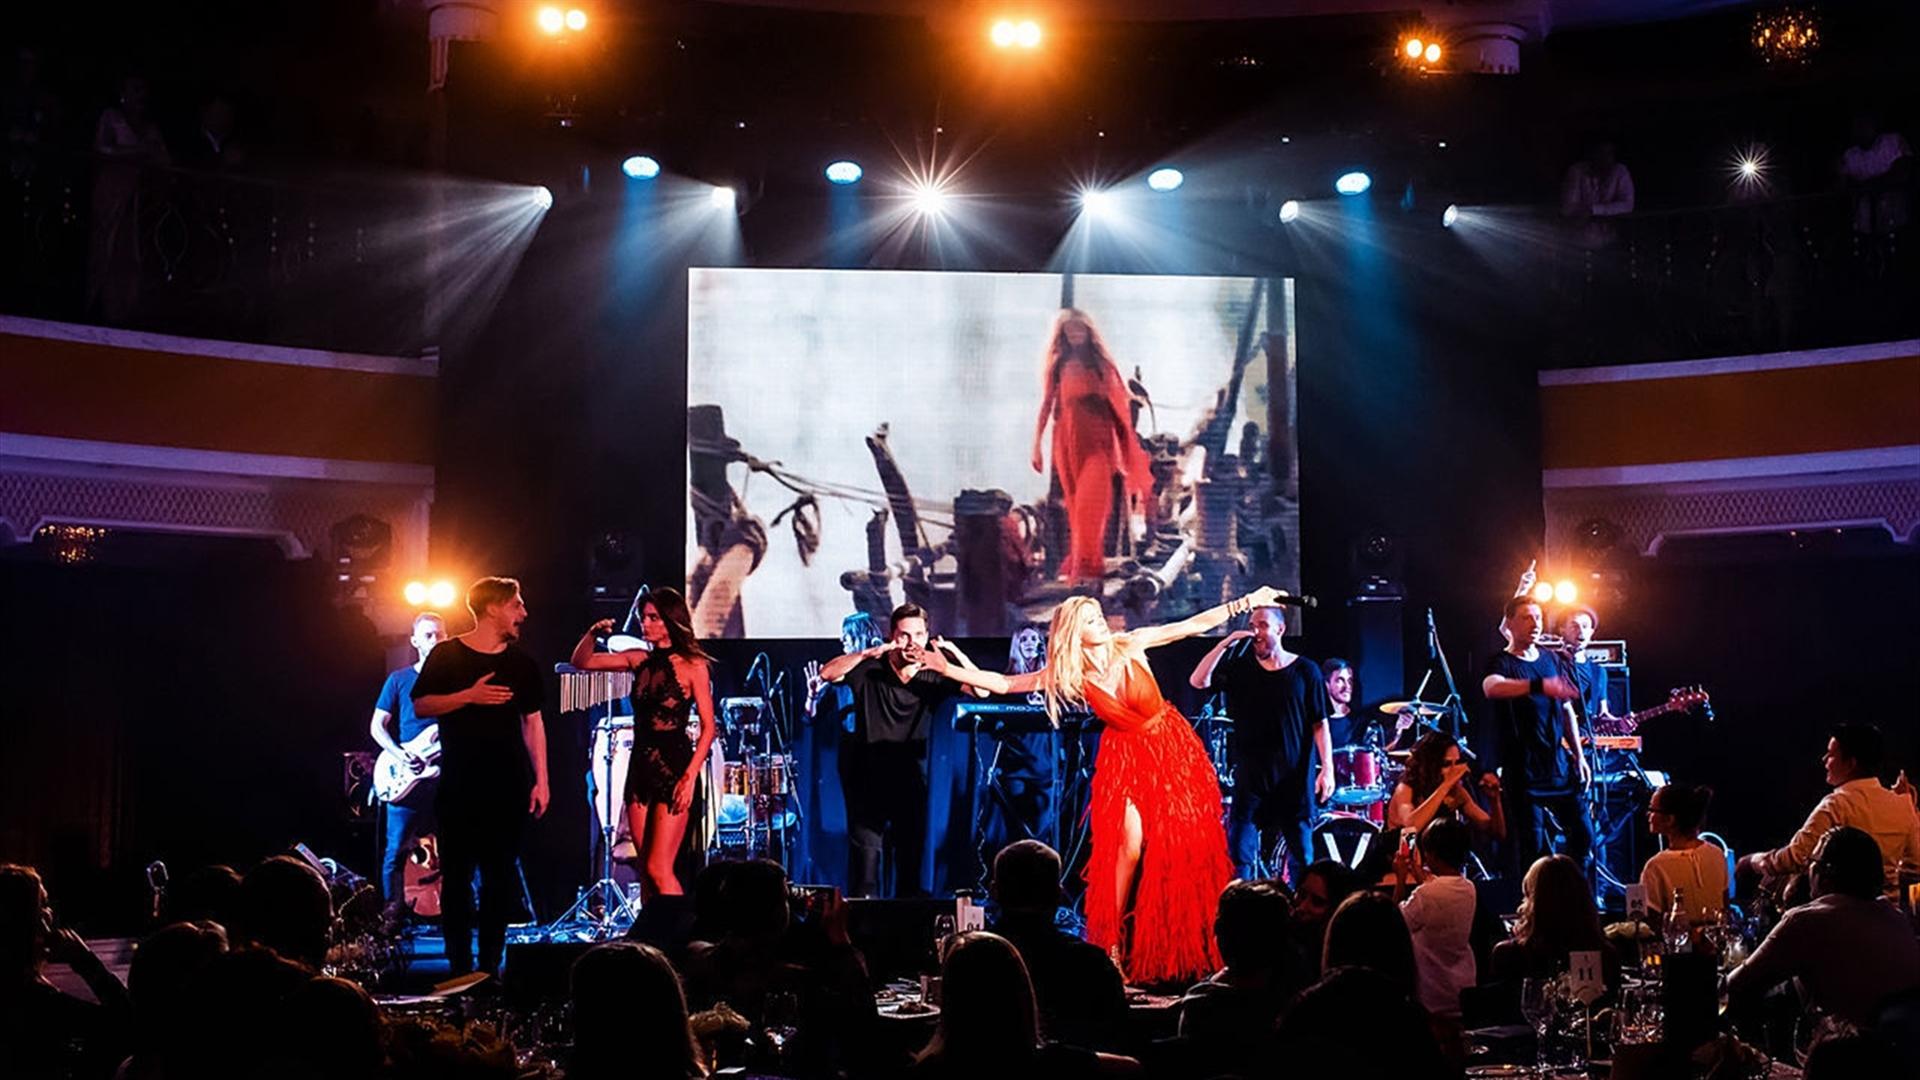 Vera Brezhnev during the concert, led the skirt 04/13/2018 63